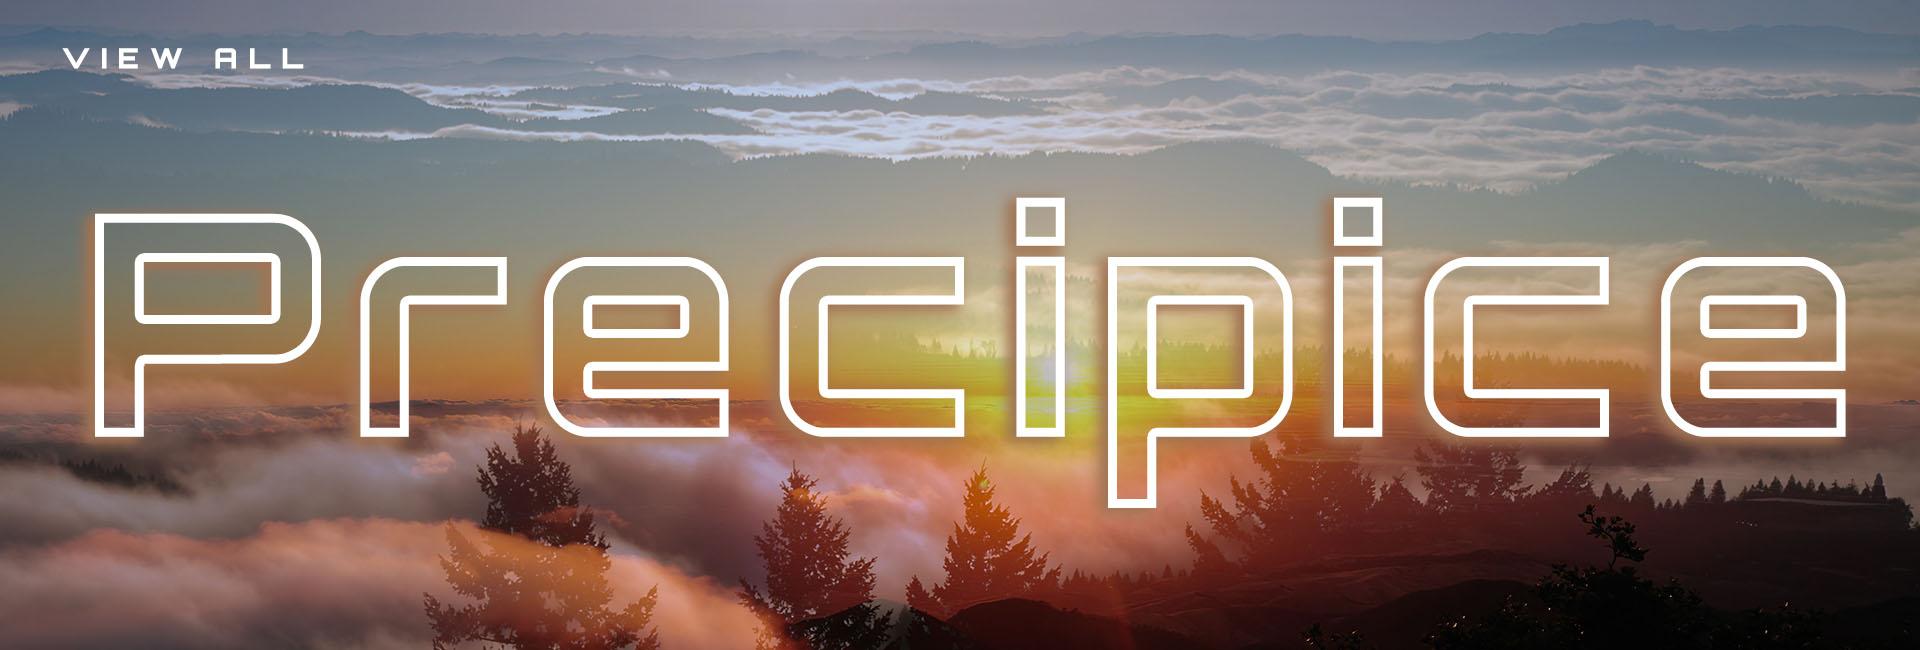 Watch all 4K Precipice clips